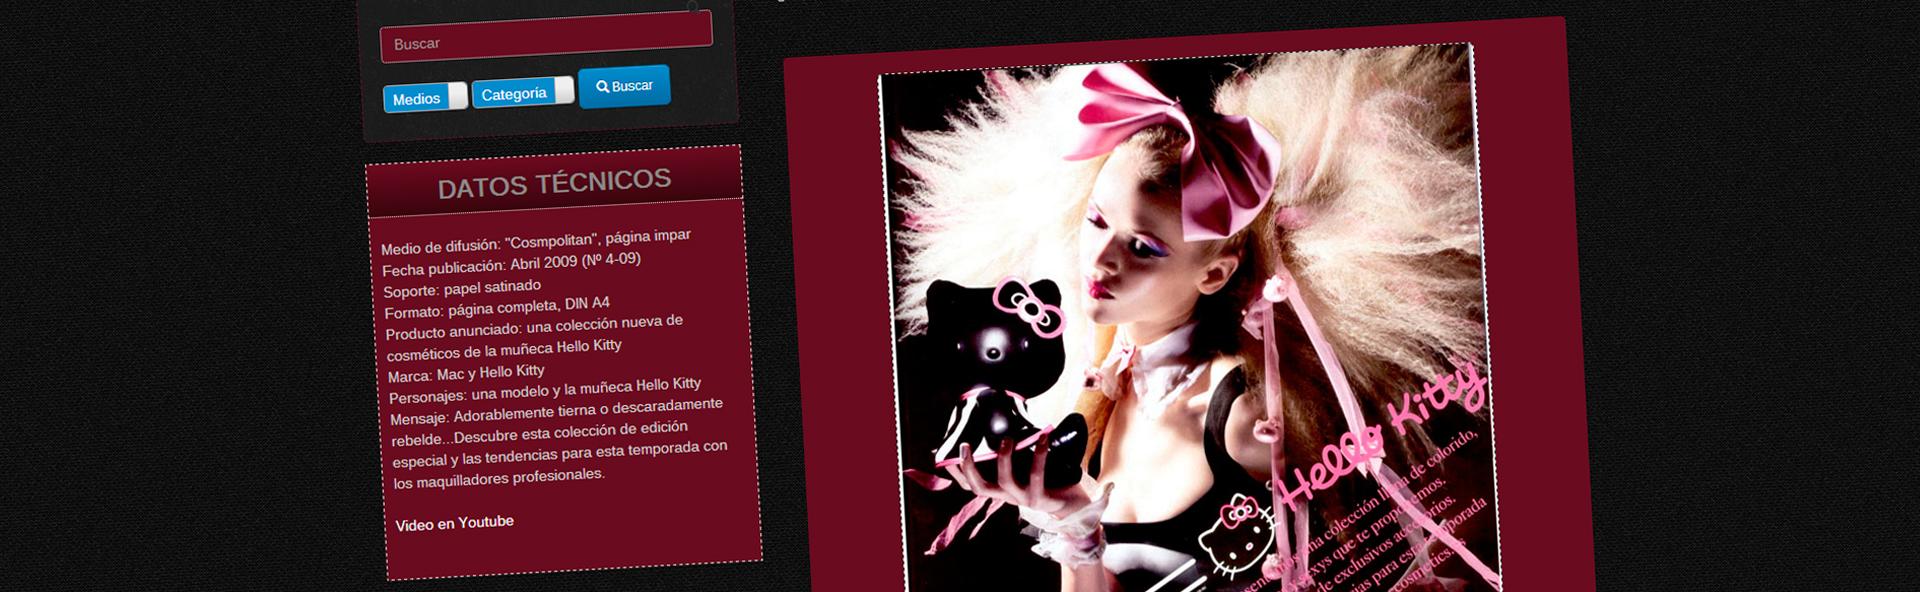 Rostros - detalle de diseño - Diseño web